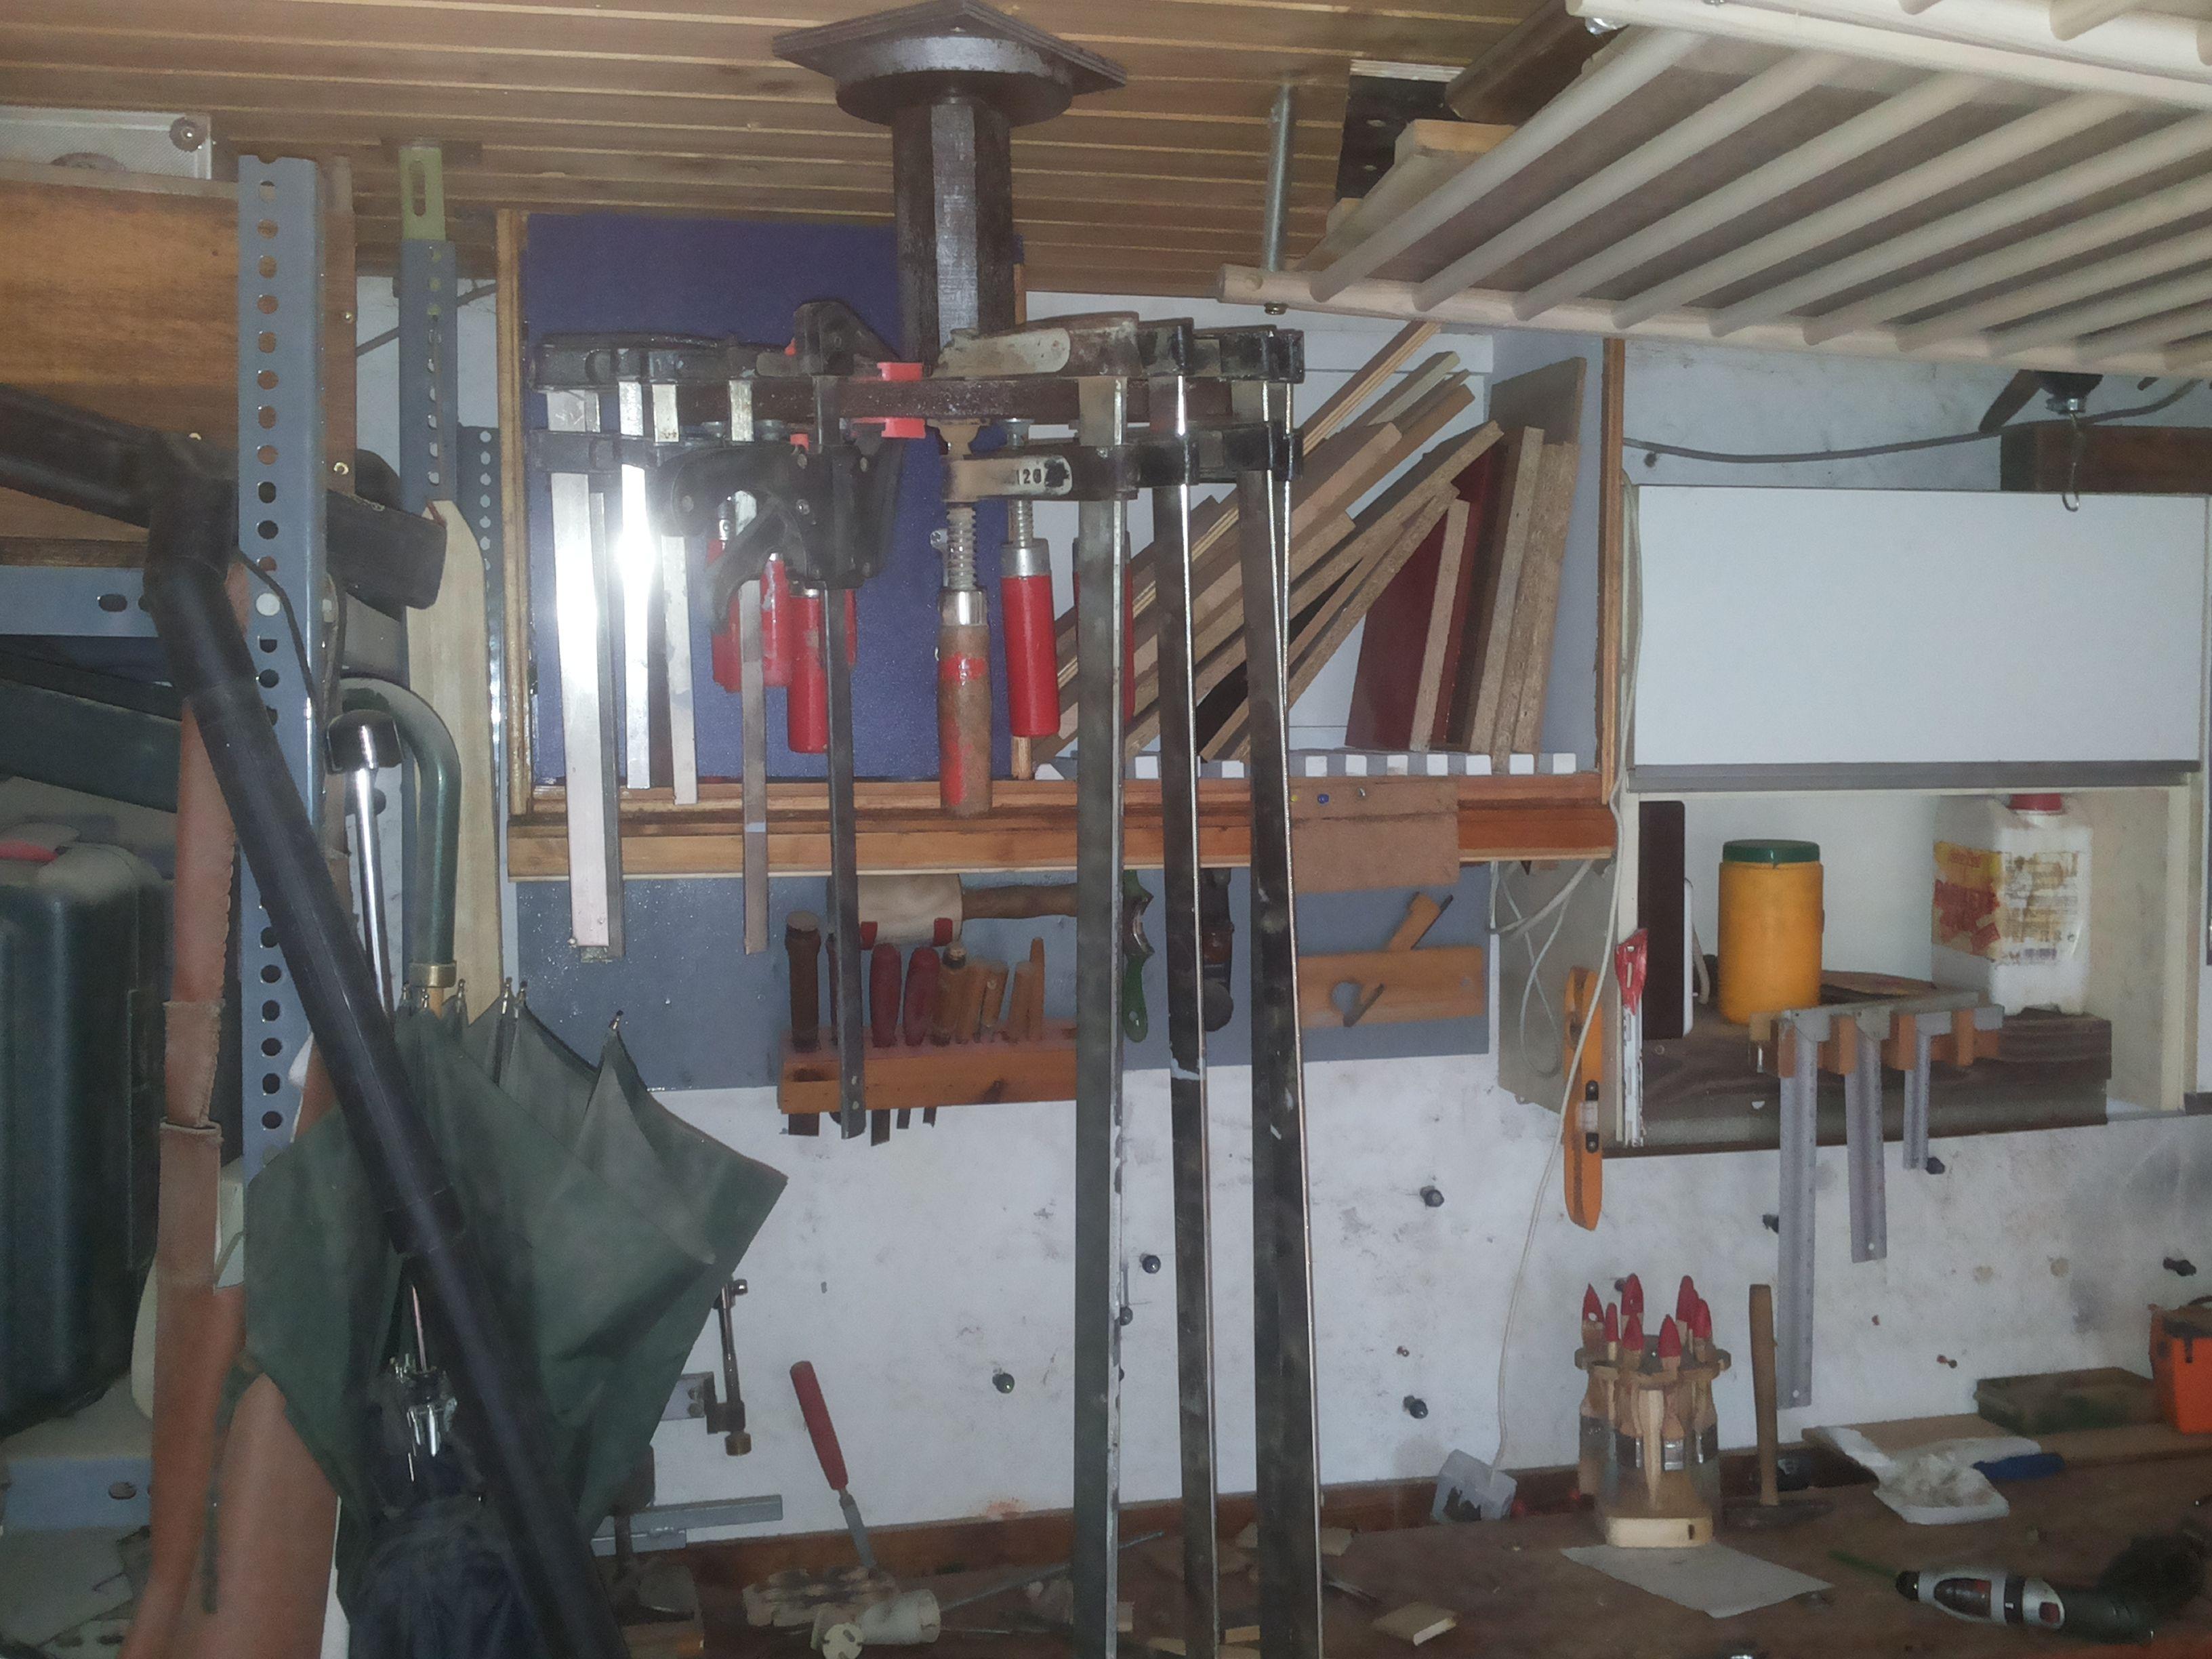 miniprojekt schraubzwingen rondell auf einem halben quadratmeter werkstatthelfer 1 2 do. Black Bedroom Furniture Sets. Home Design Ideas